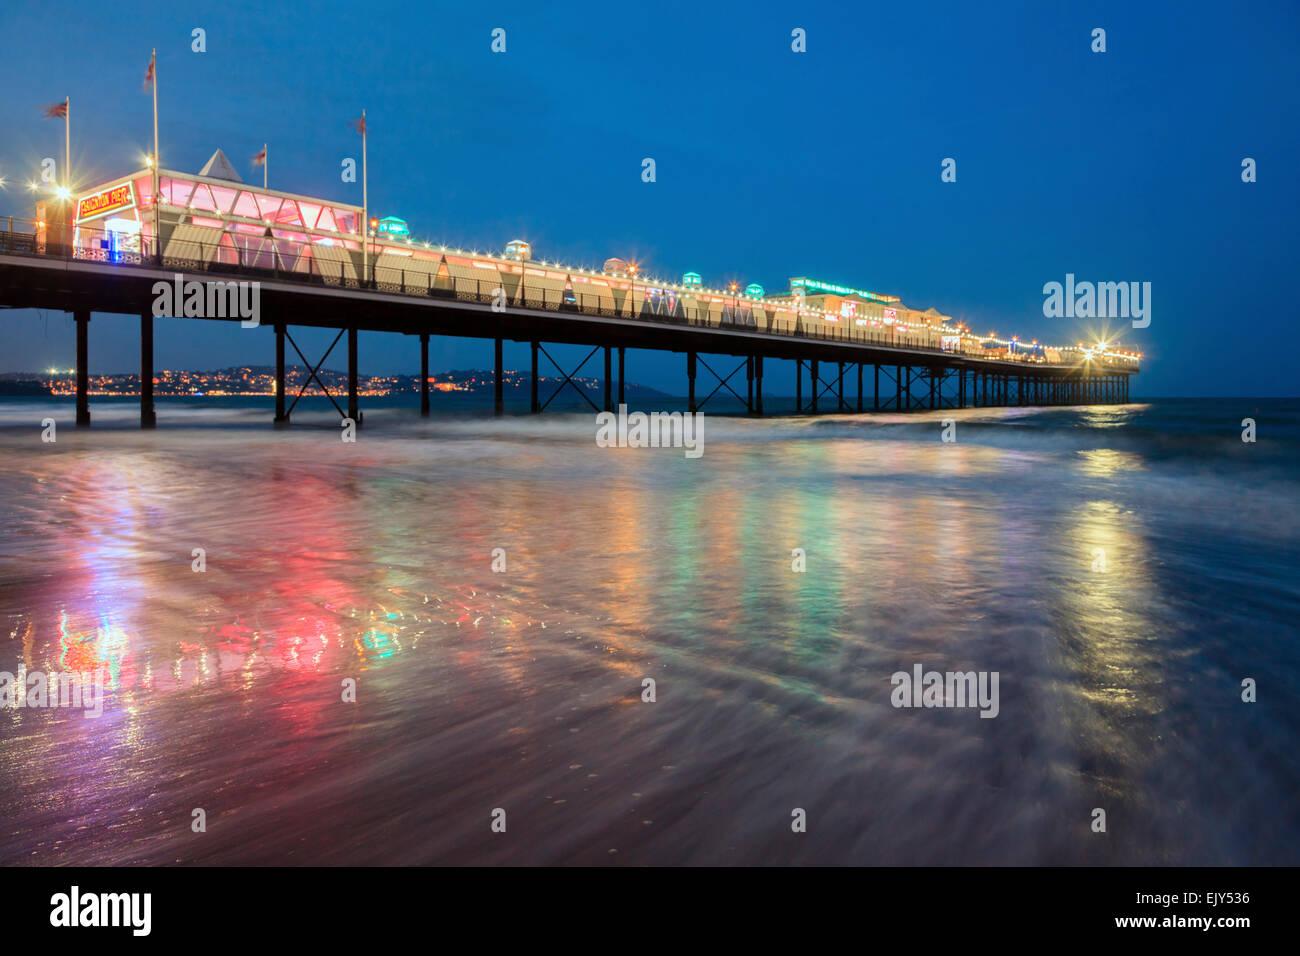 Paignton Pier in Torbay, eingefangen in den Stunden der Dämmerung. Stockbild